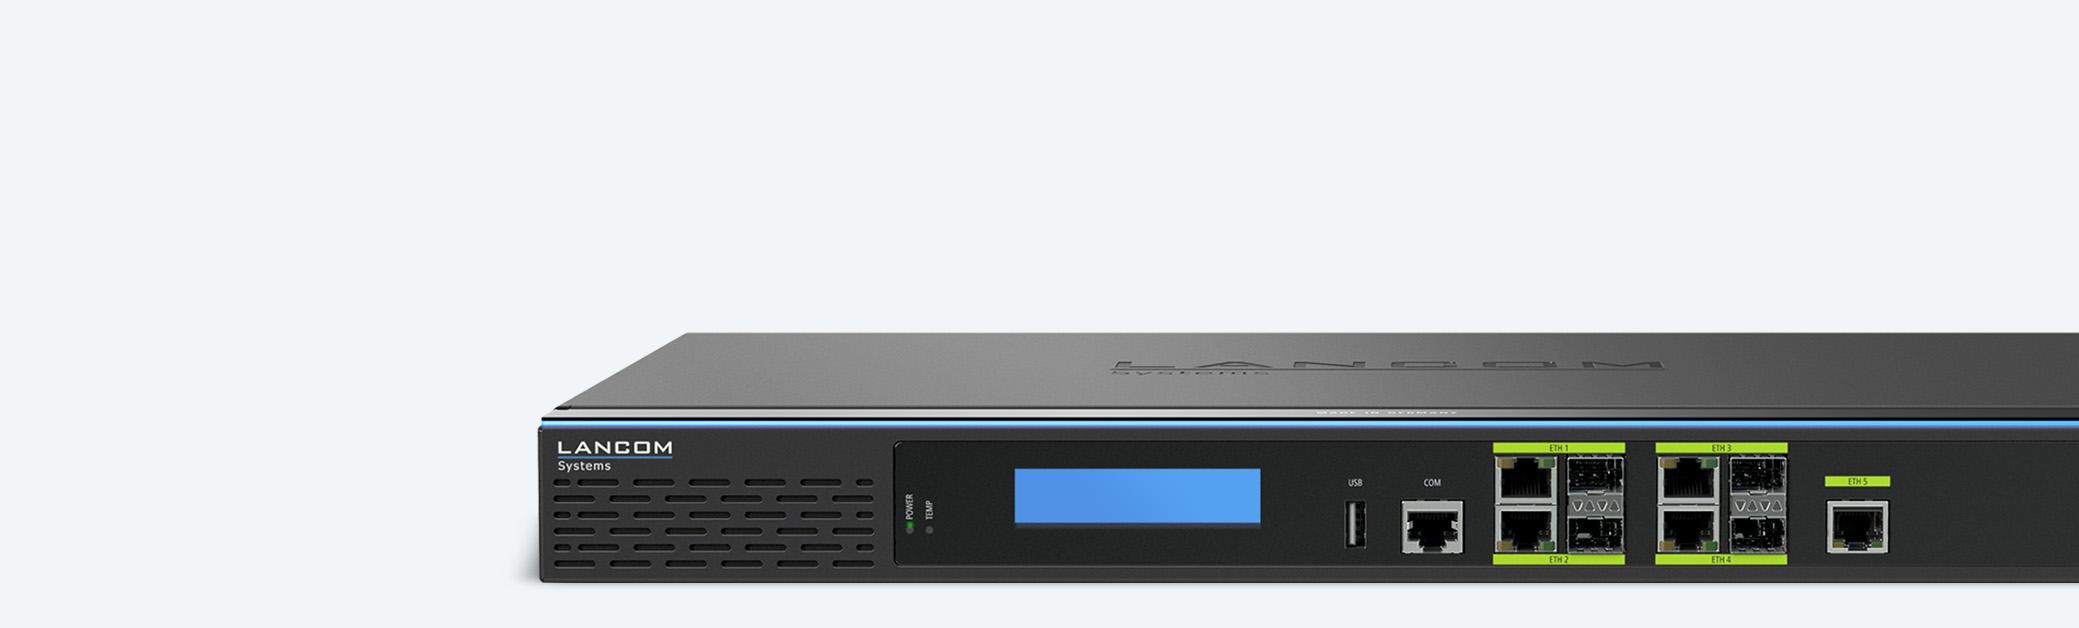 Kollage LANCOM WLAN-Controller